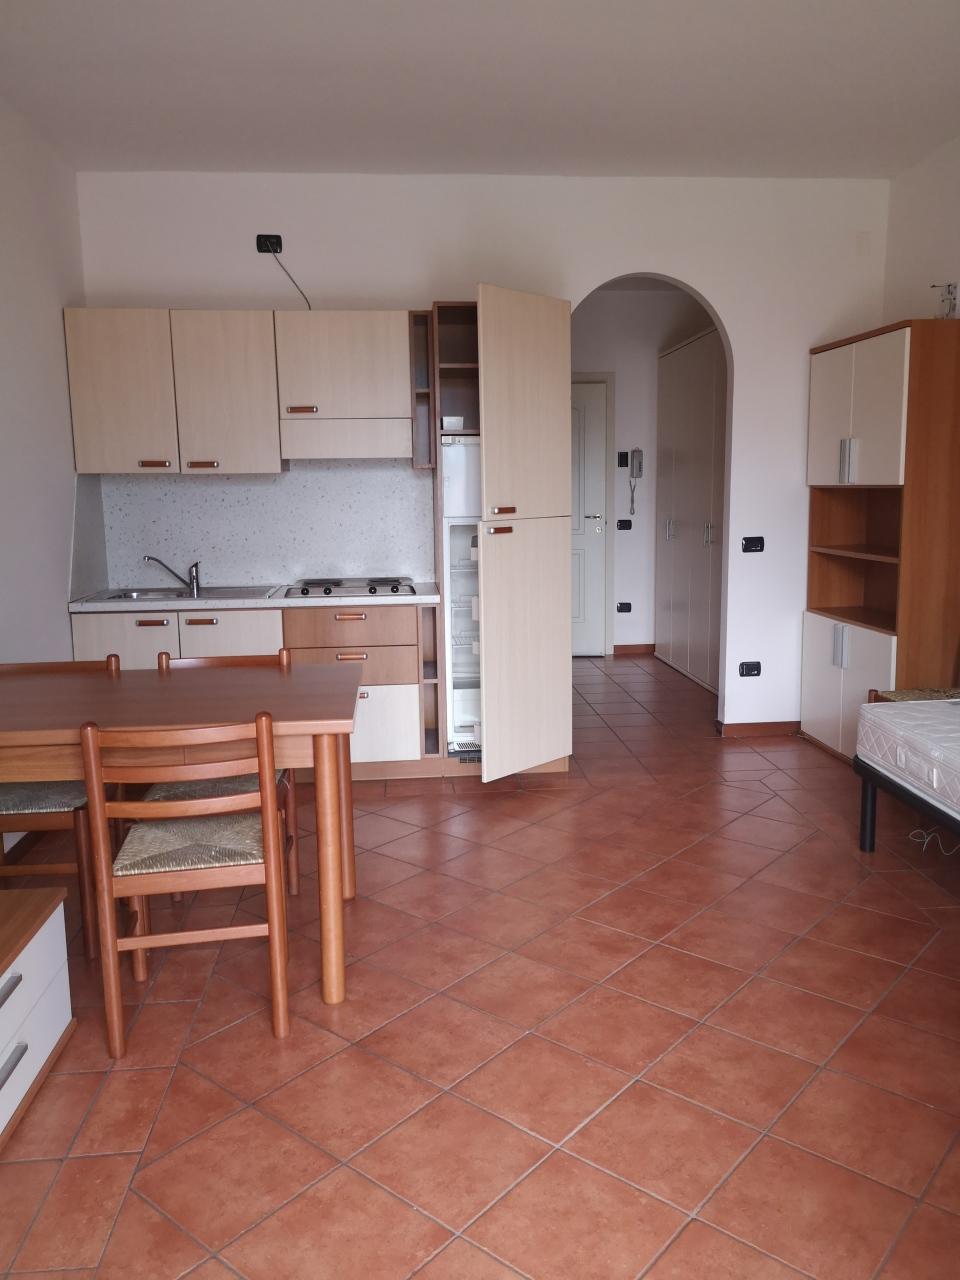 Appartamento in affitto a Villanuova sul Clisi, 1 locali, prezzo € 360   PortaleAgenzieImmobiliari.it